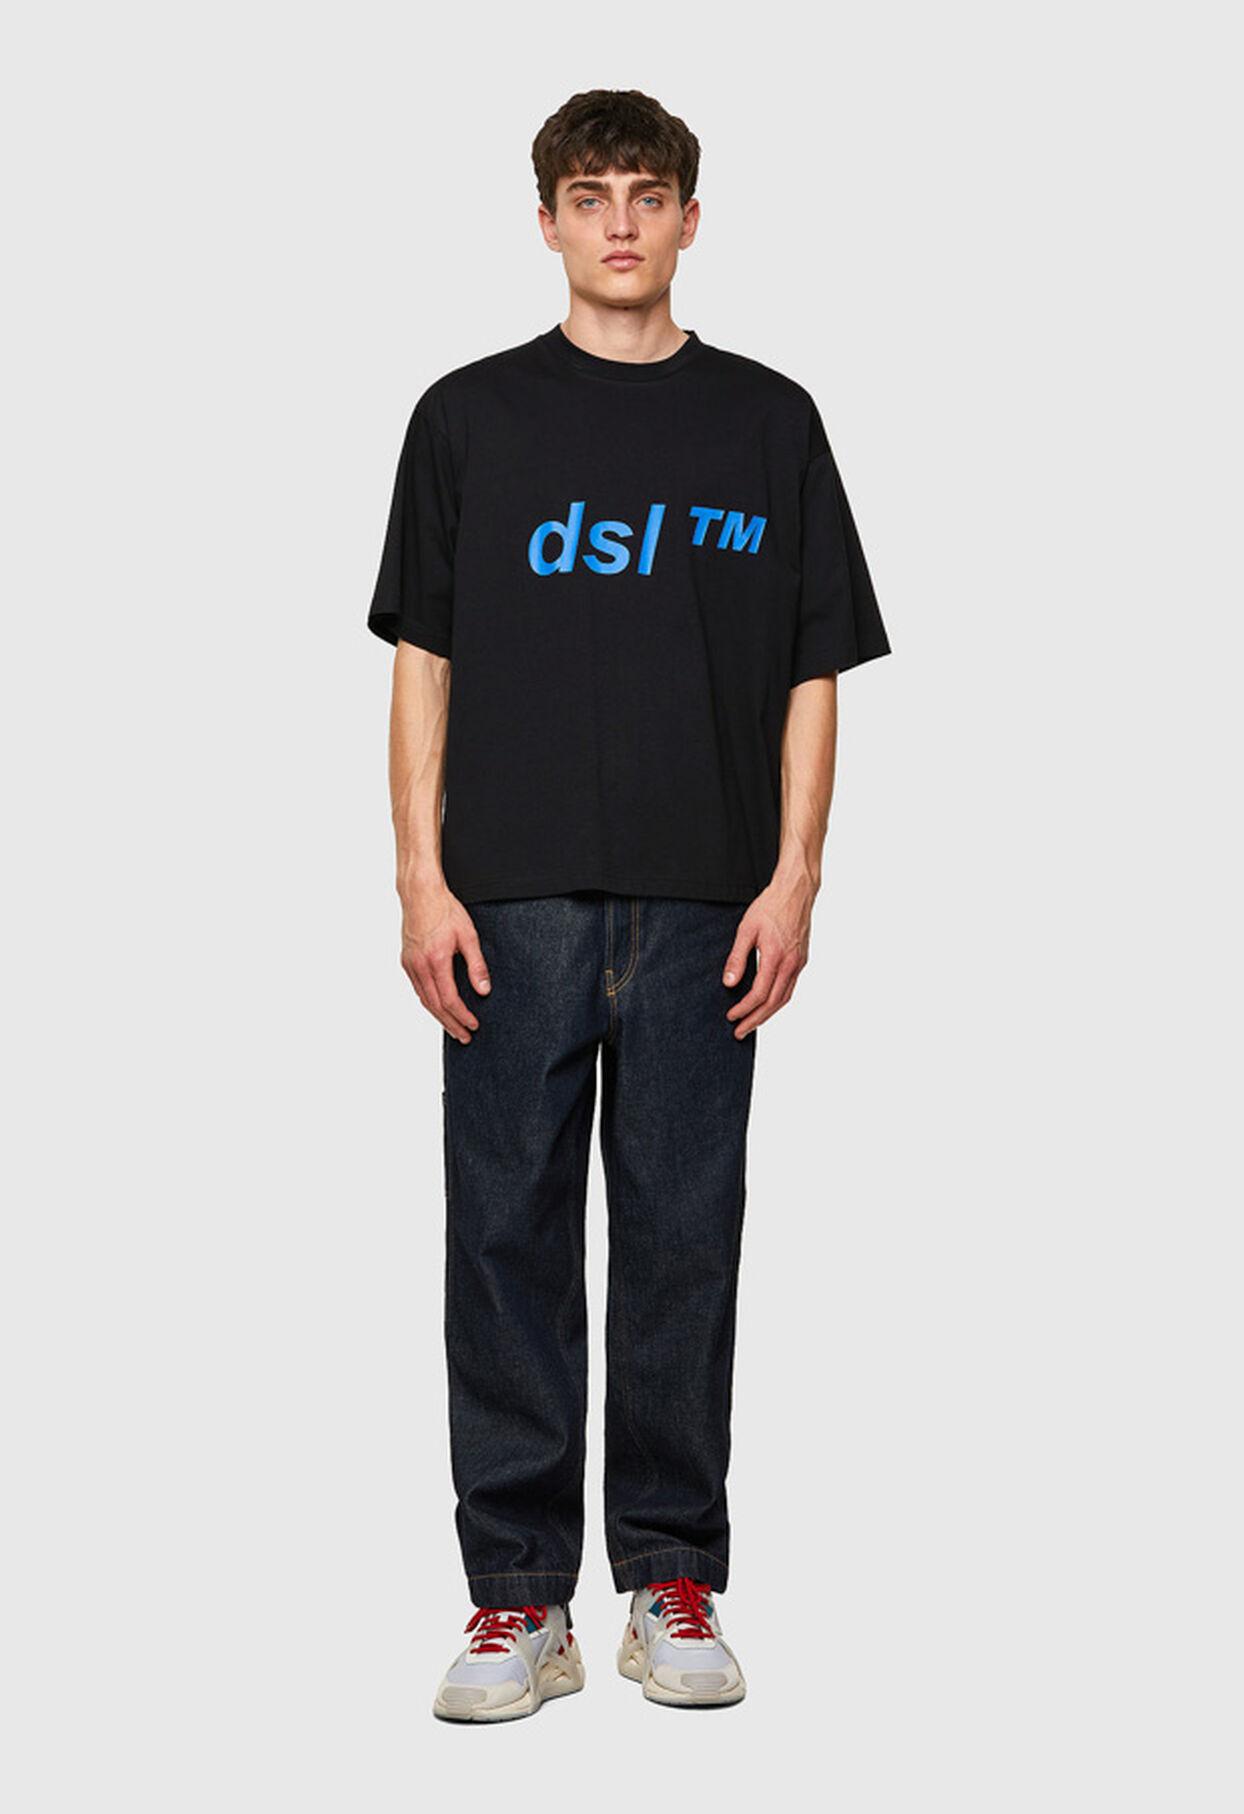 https://ch.diesel.com/dw/image/v2/BBLG_PRD/on/demandware.static/-/Library-Sites-DieselMFSharedLibrary/default/dwc2b2d1f7/CATEGORYOV/2x2_t-balm_A02798_0HAYU_9XX_C.jpg?sw=1244&sh=1814